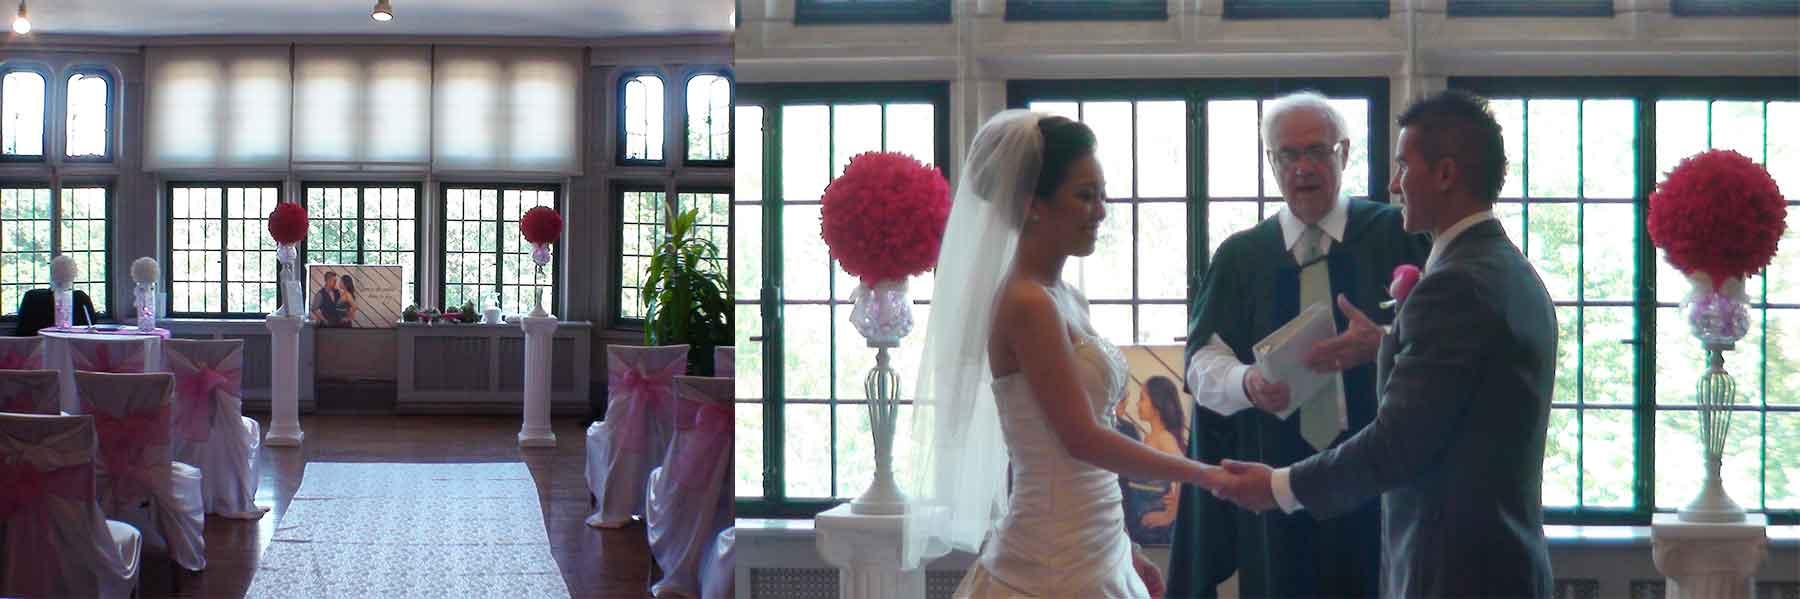 Wedding-Ceremony-at-Casa-Loma-Toronto